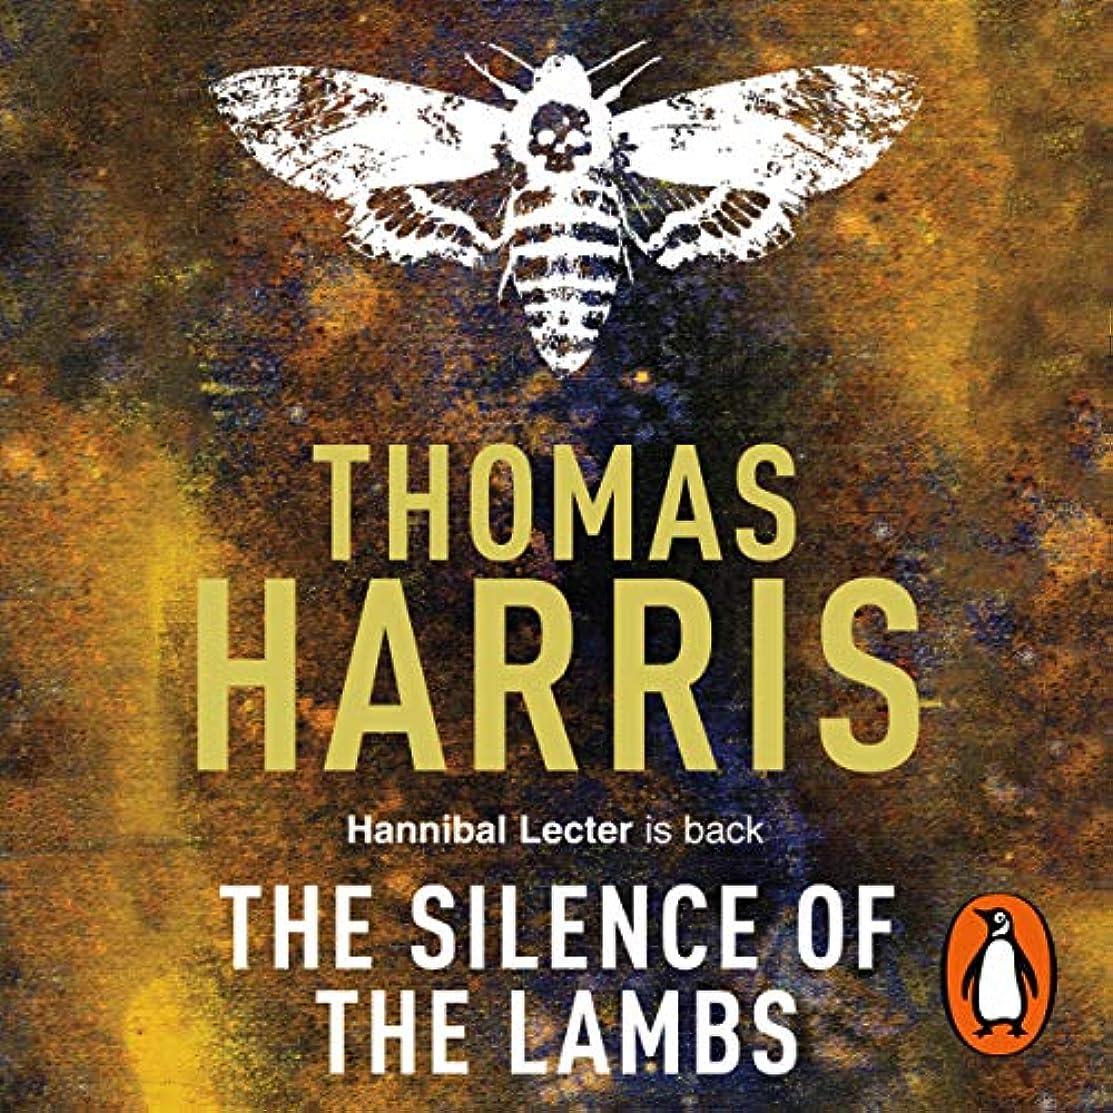 忘れるサイバースペース弾性The Silence of the Lambs